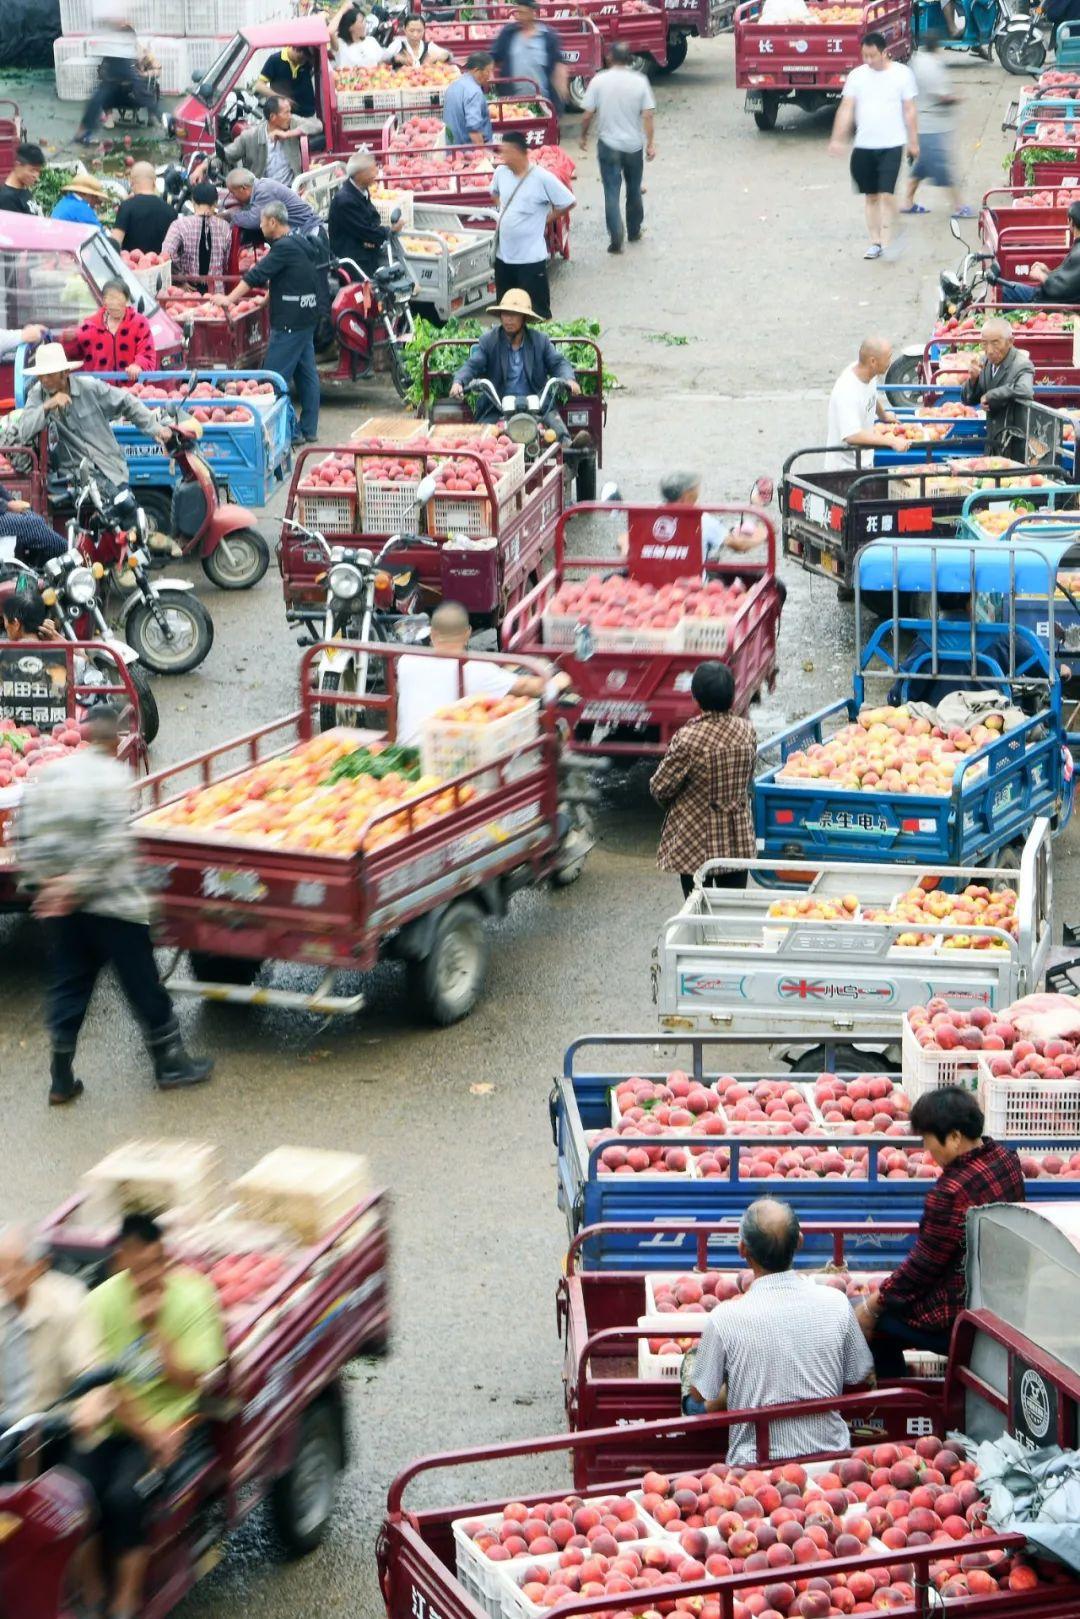 ▲ 桃子丰收季,忙碌的山东水果市场。 图/视觉中国